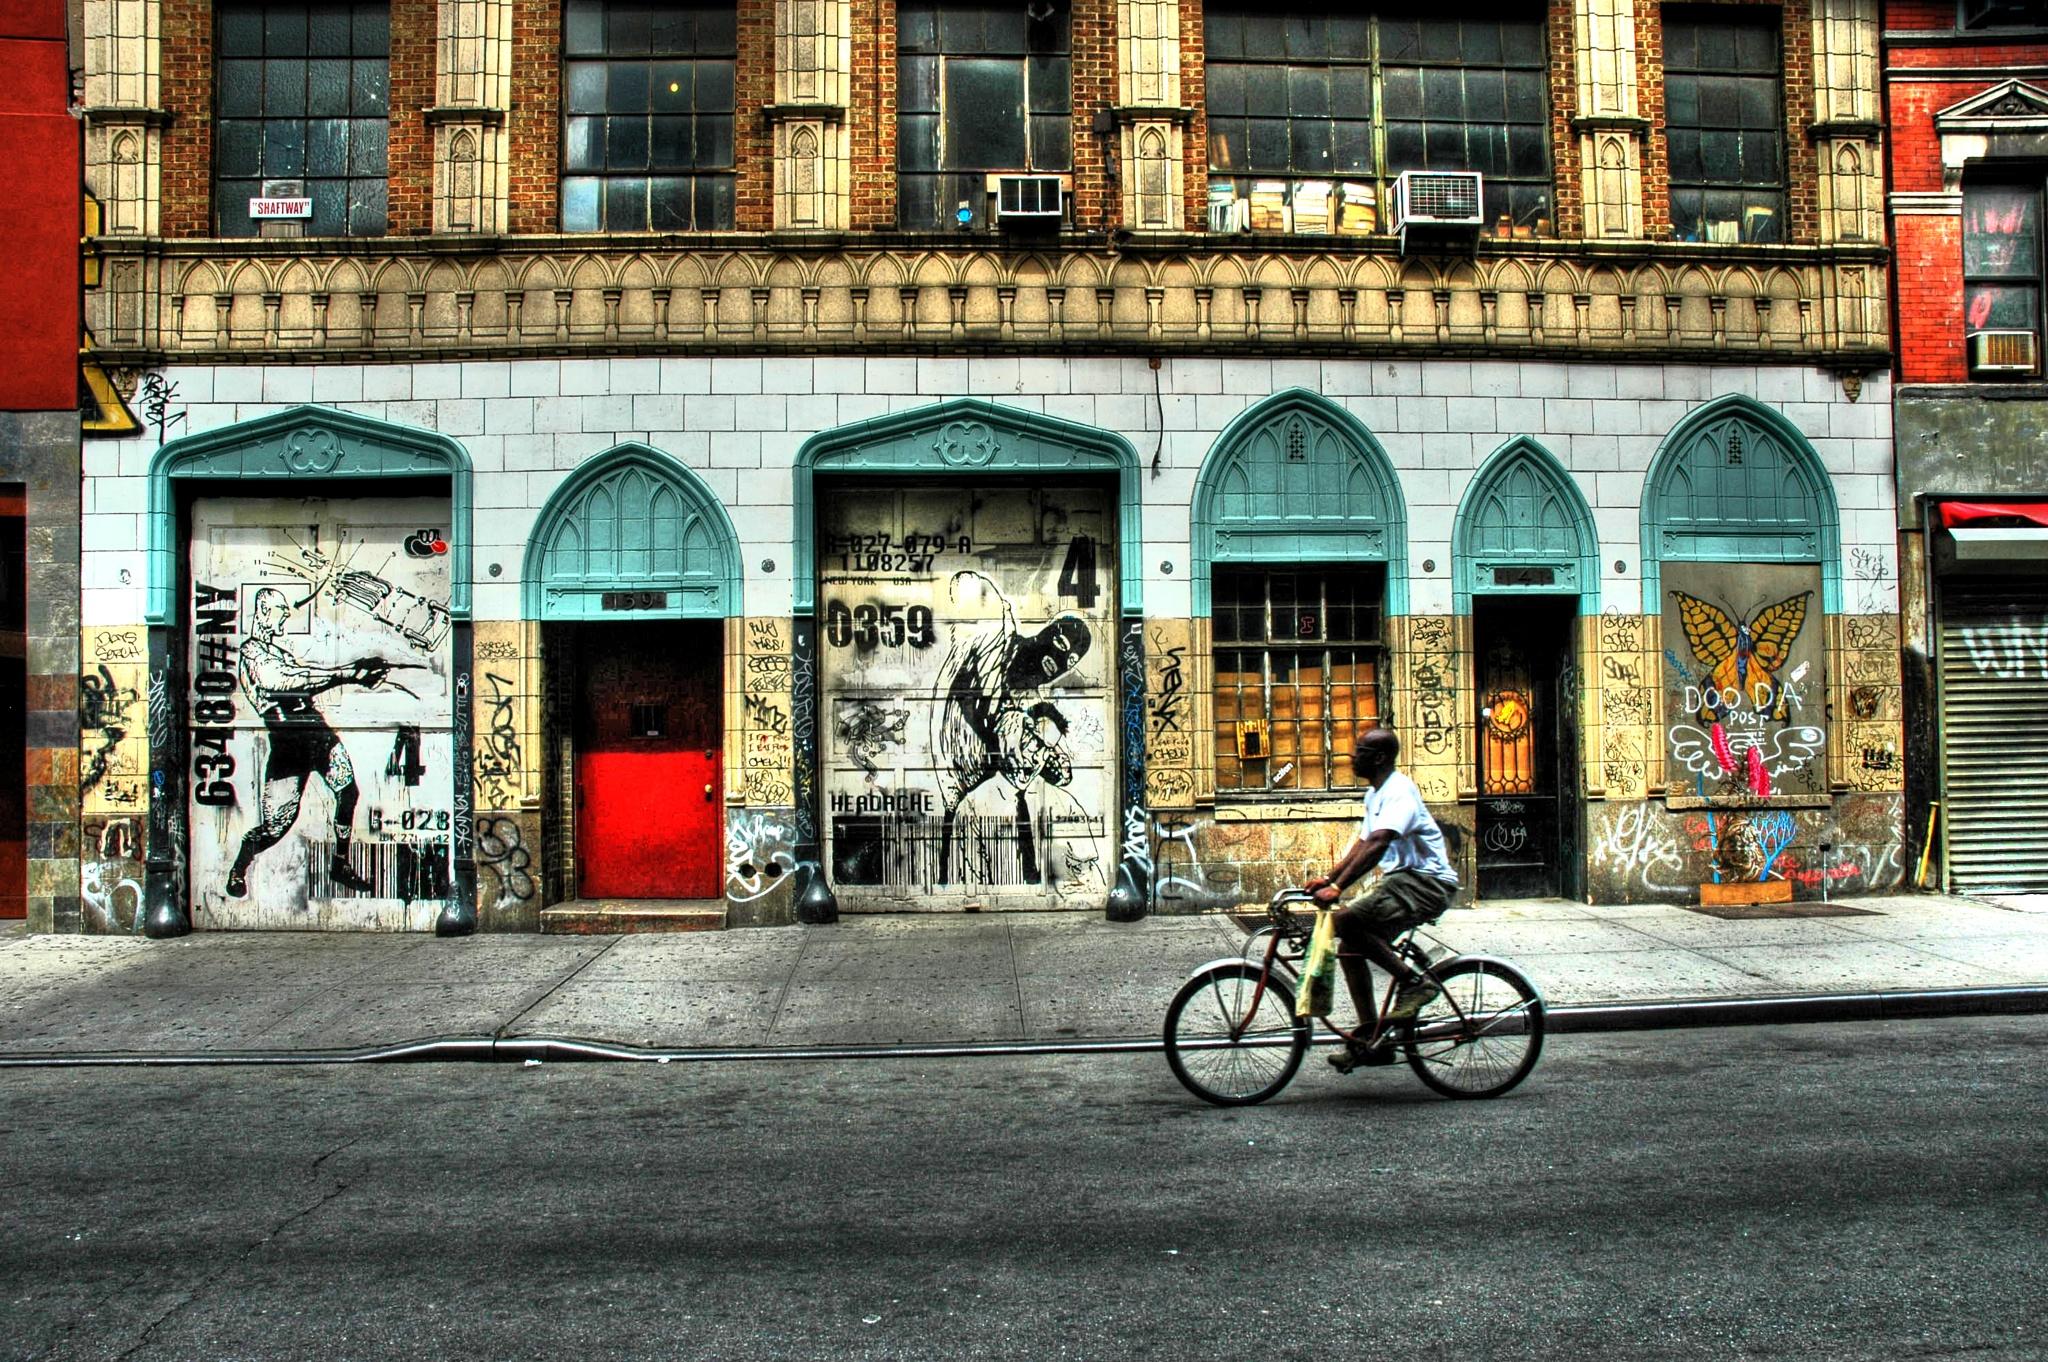 Graffiti NYC Style by Fotoguy